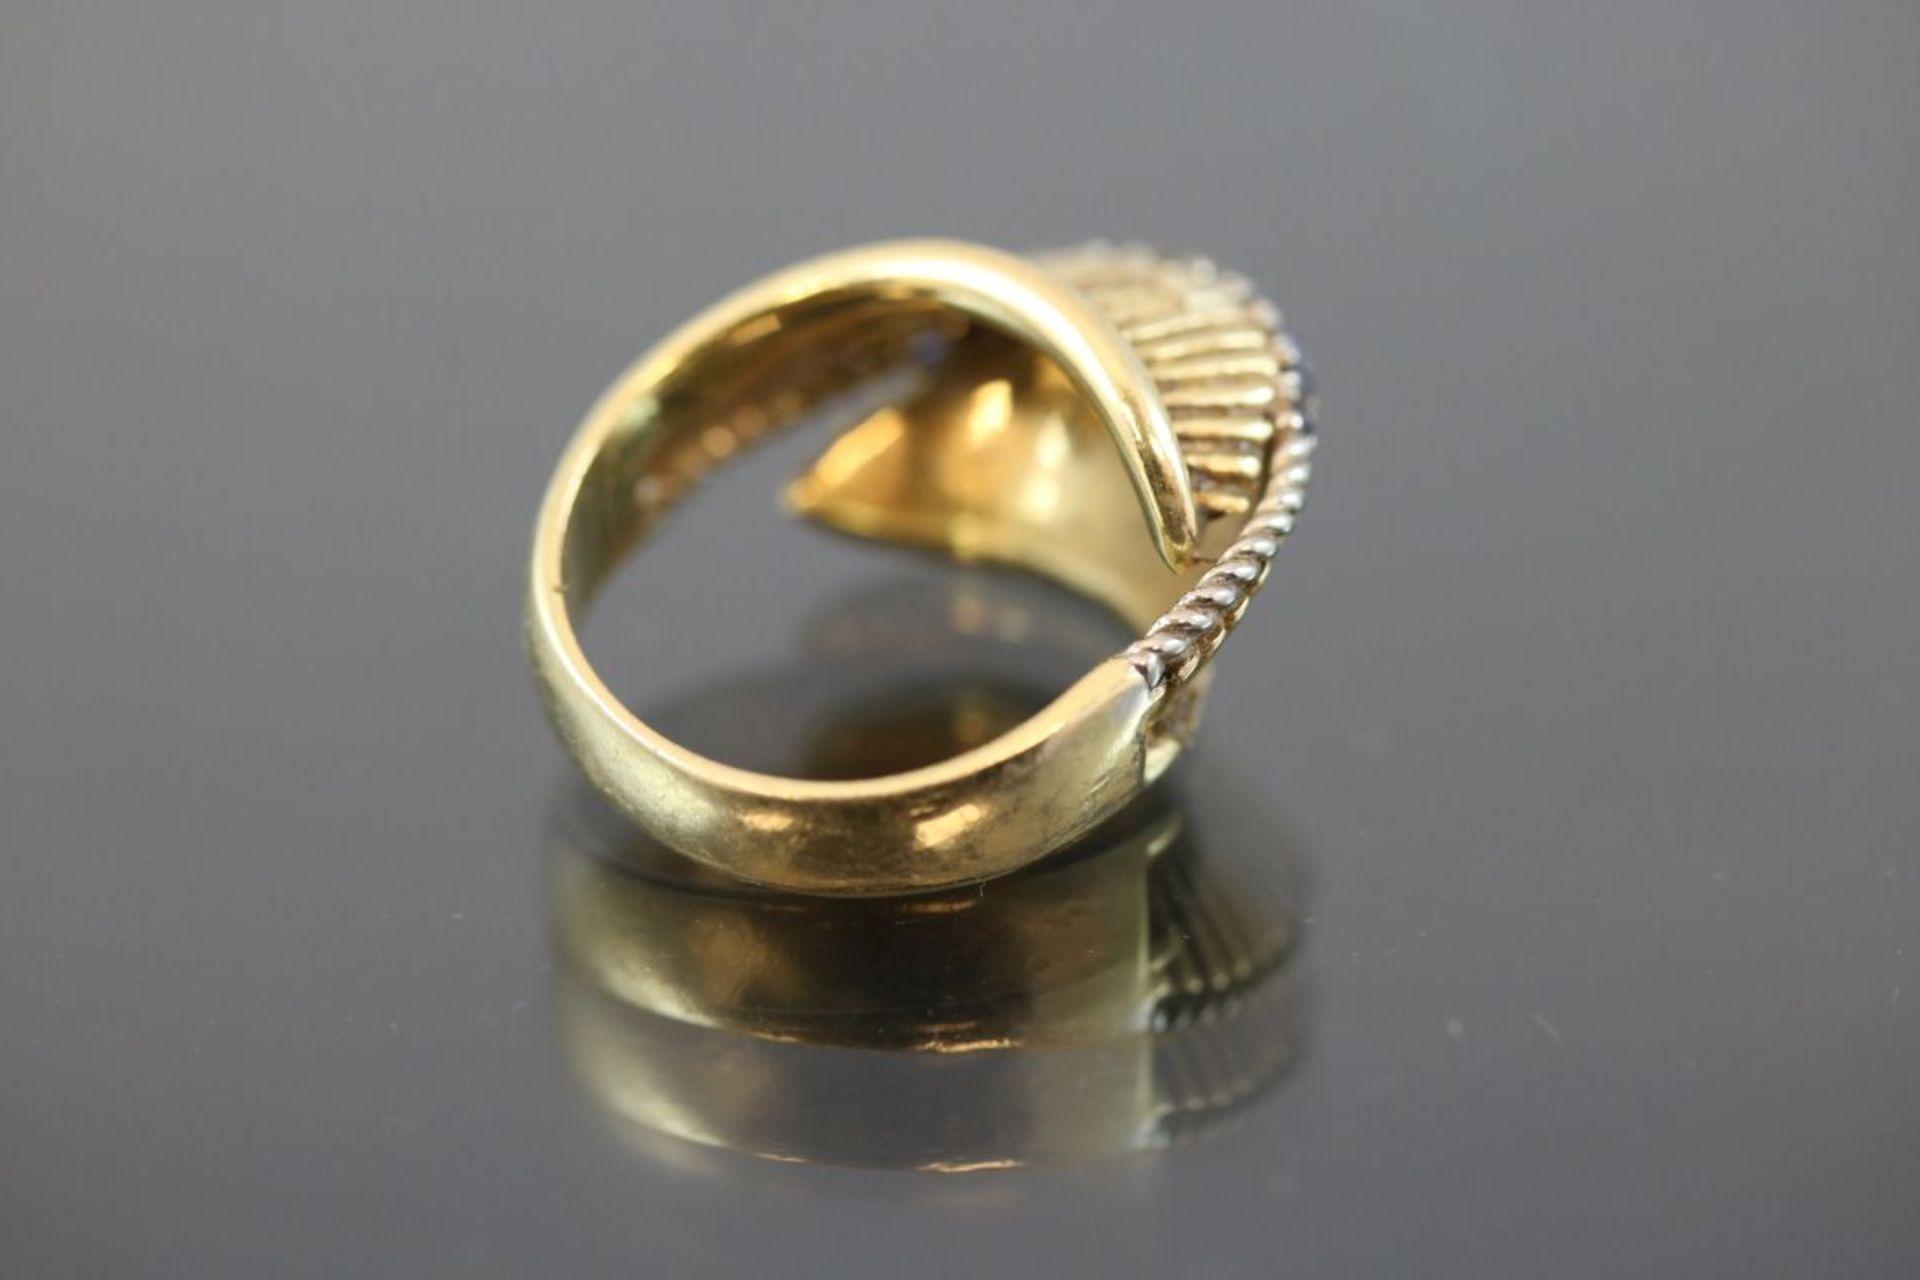 Saphir-Ring, 750 Gelbgold9,2 Gramm Ringgröße: 52Schätzpreis: 700,- - Bild 3 aus 3